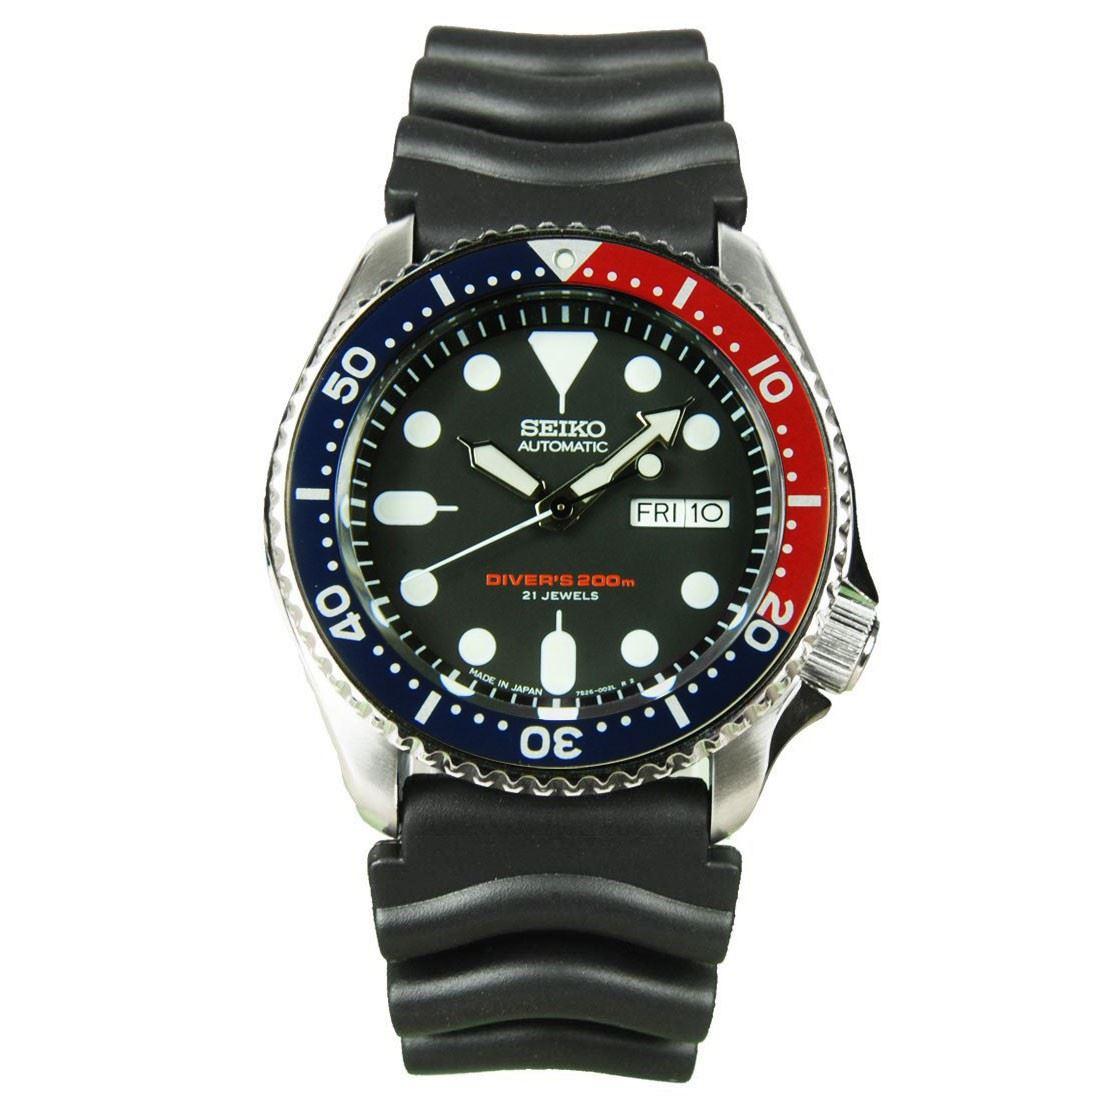 TOP-SELLING-Seiko-SKX009-SKX009J1-SKX009J2-SKX009K1-SKX009K2-Pepsi-Dive-Watch thumbnail 3